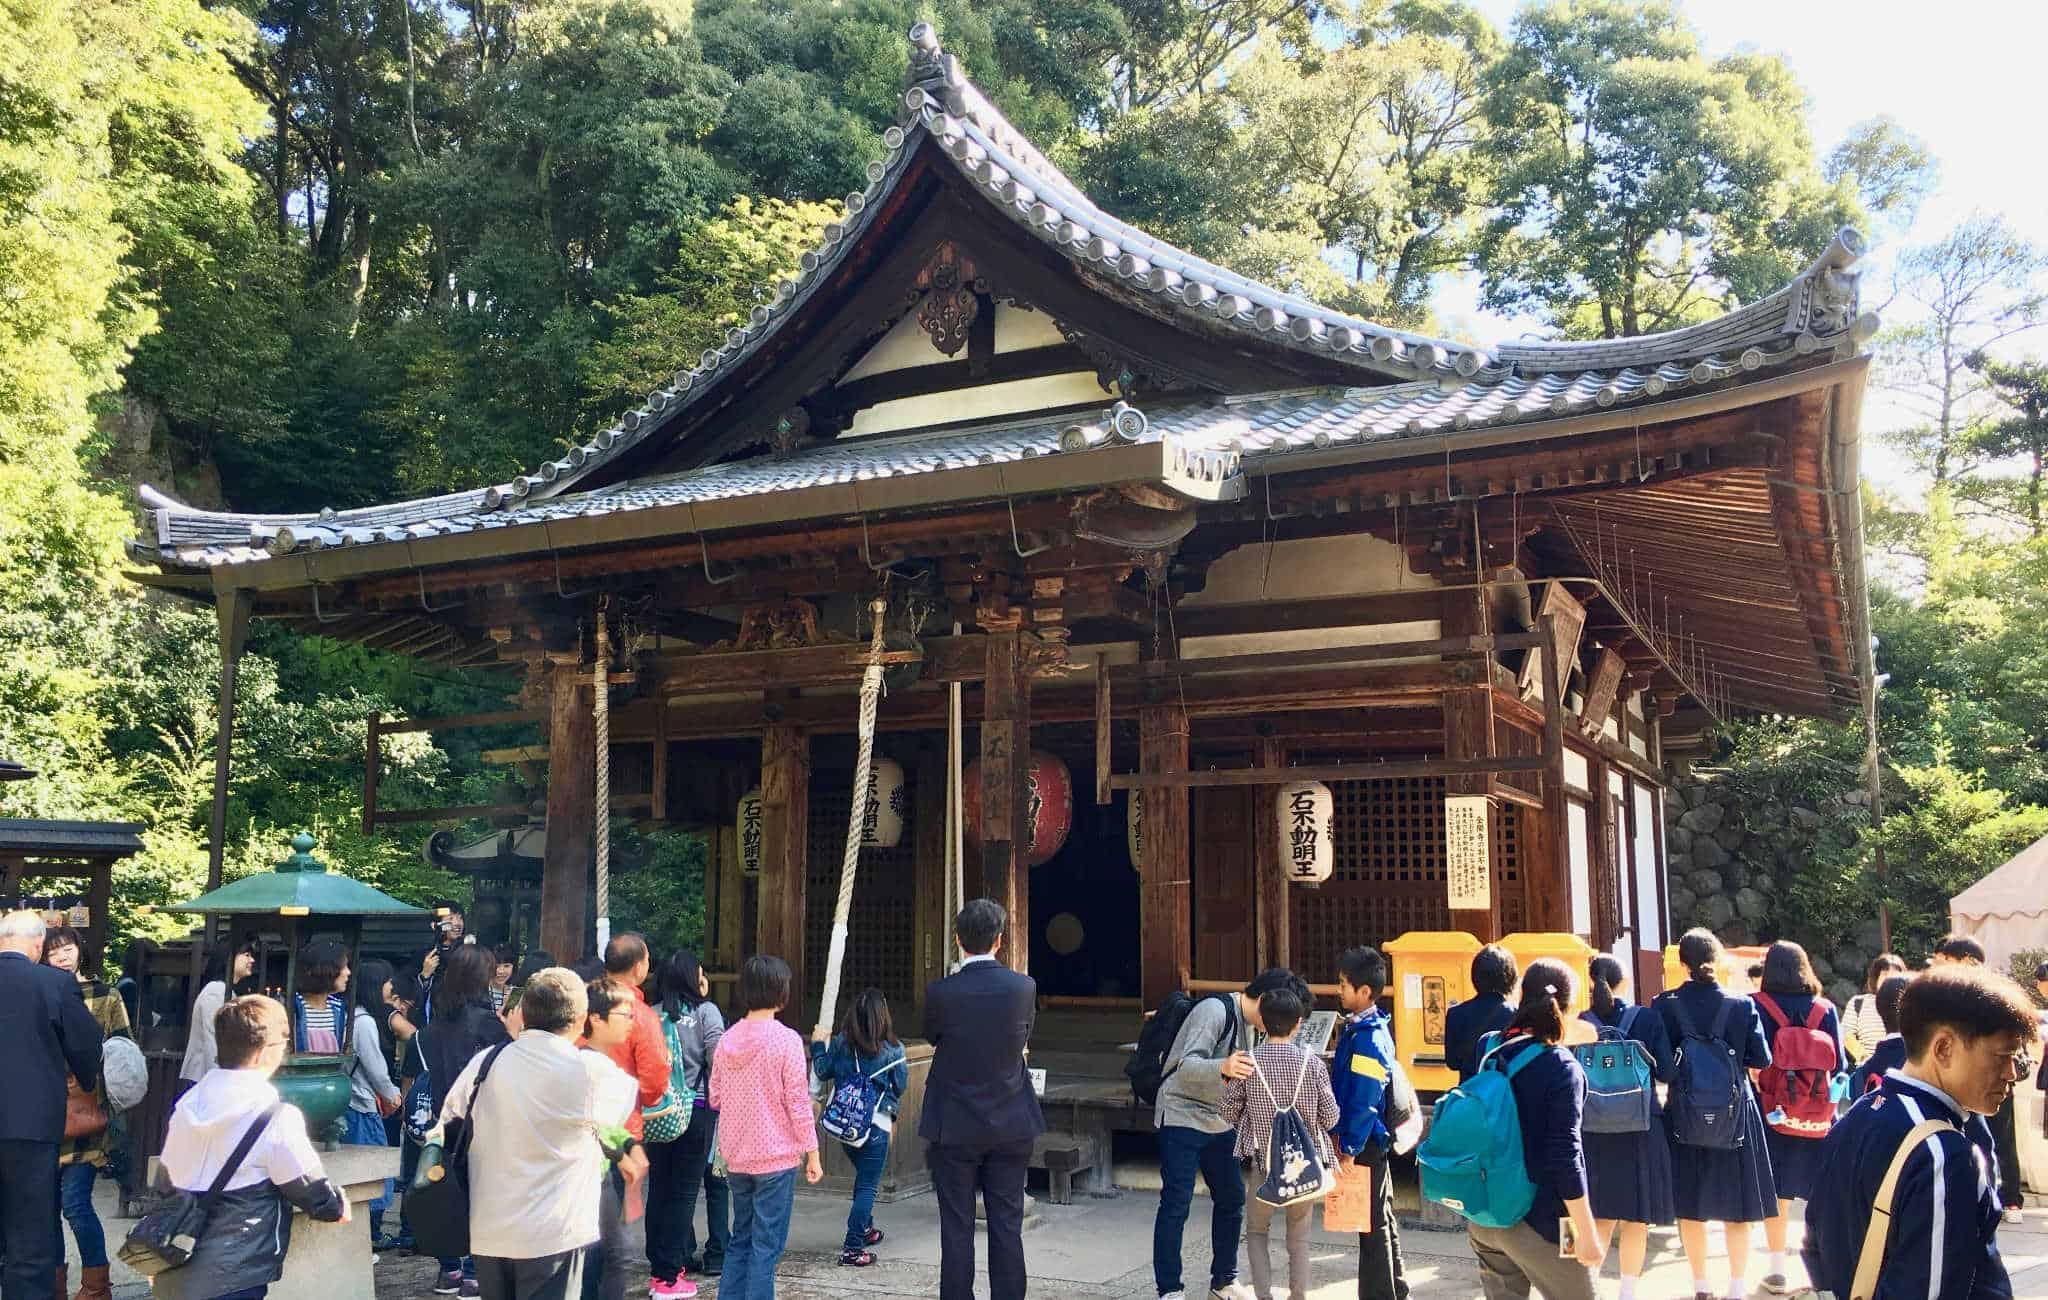 บรรยากาศภายในของวัดคินคาคุจิ (Kinkakuji Temple)